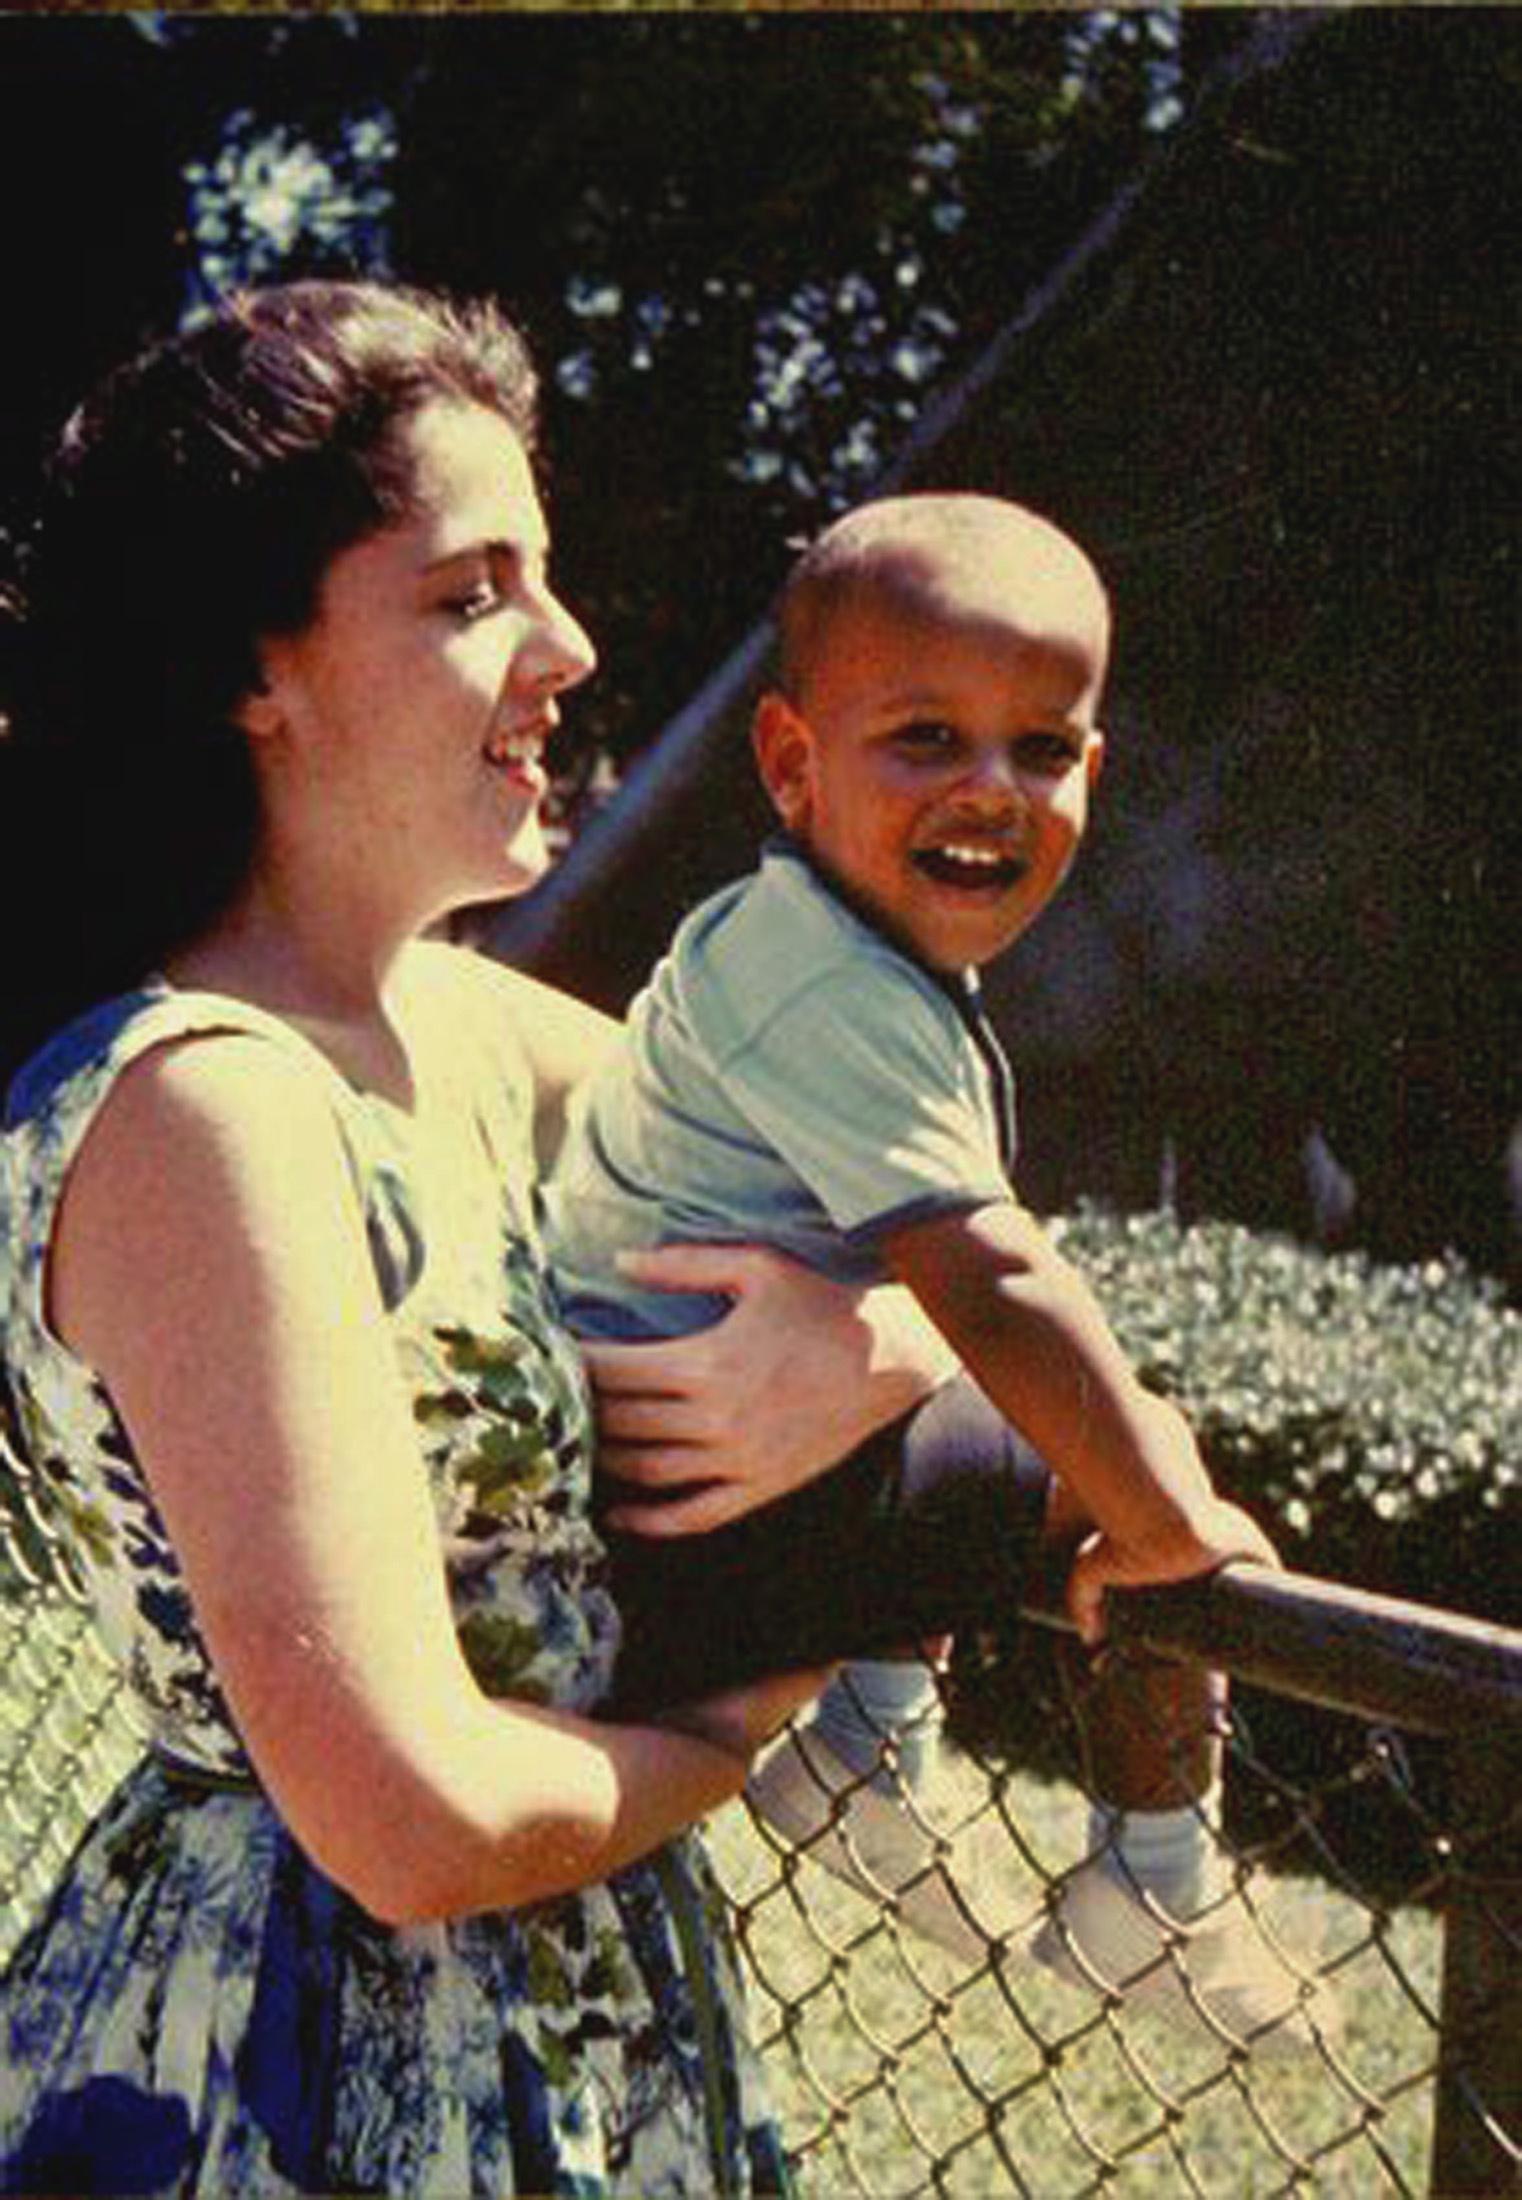 2. Президент США Барак Обама с мамой Стэнли Эдд Дунхэм в 60-х прошлого